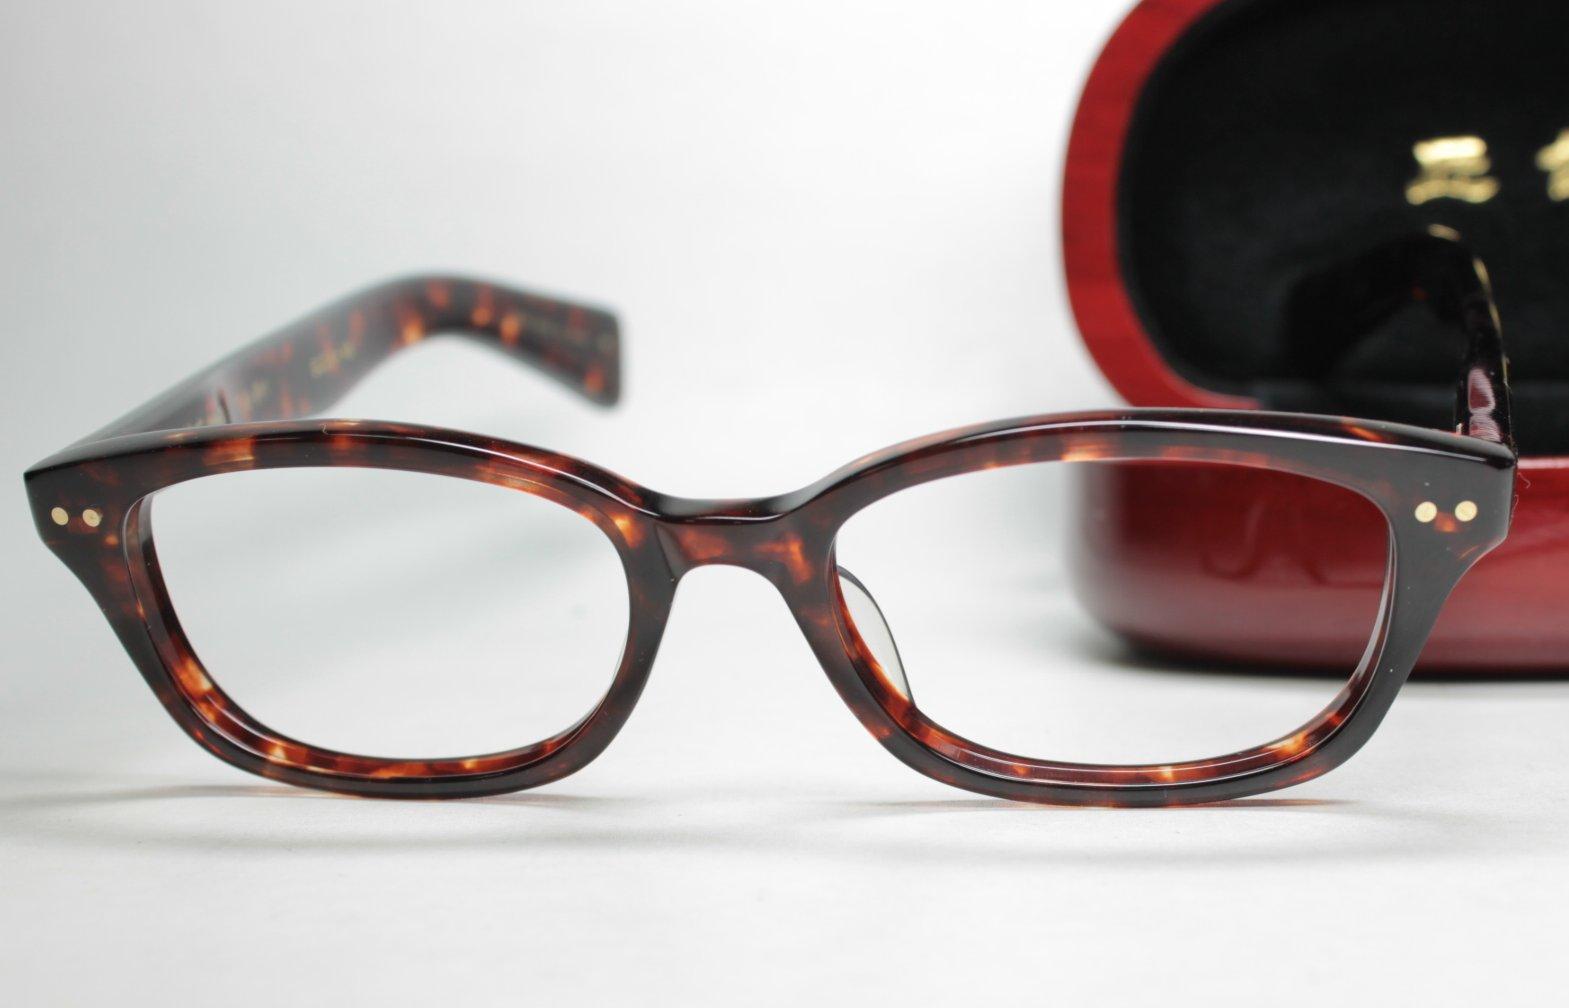 メガネ用度付きレンズ無料 角矢甚治郎眼鏡枠23其弐拾参 リ、デミ 10金飾り